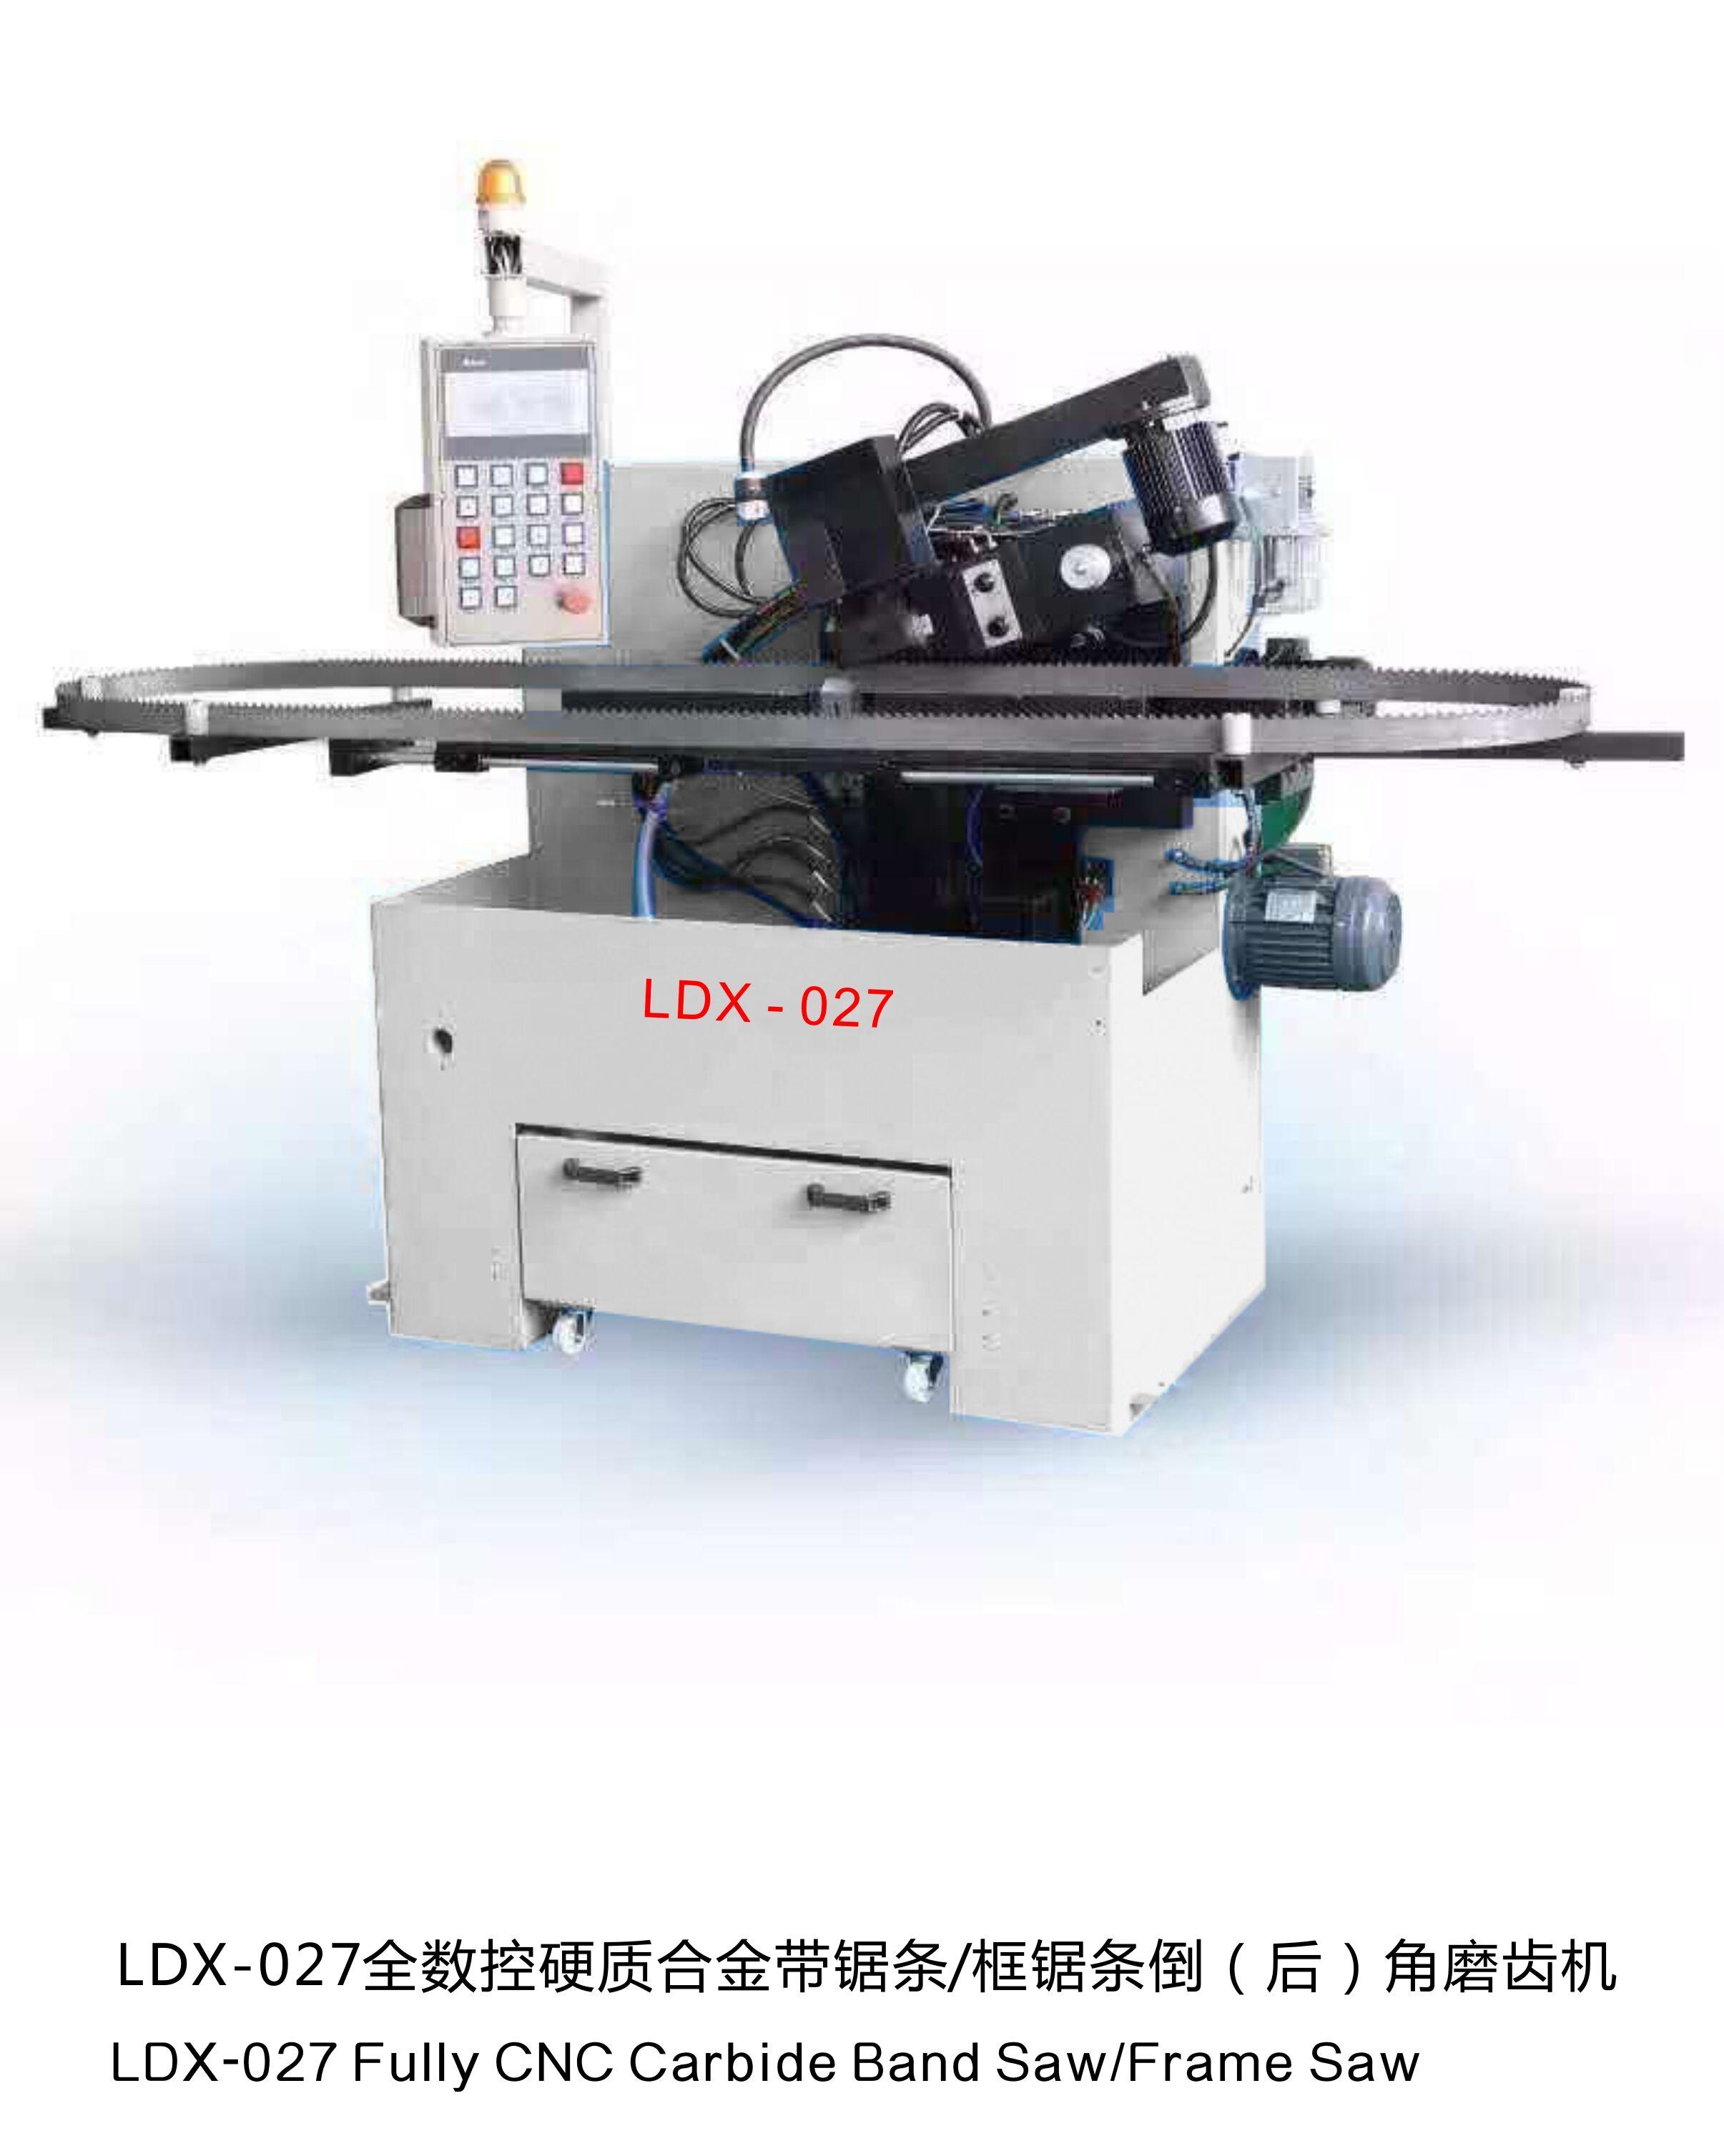 LDX-027全數控硬質合金帶鋸條/框鋸條倒(后)角磨齒機